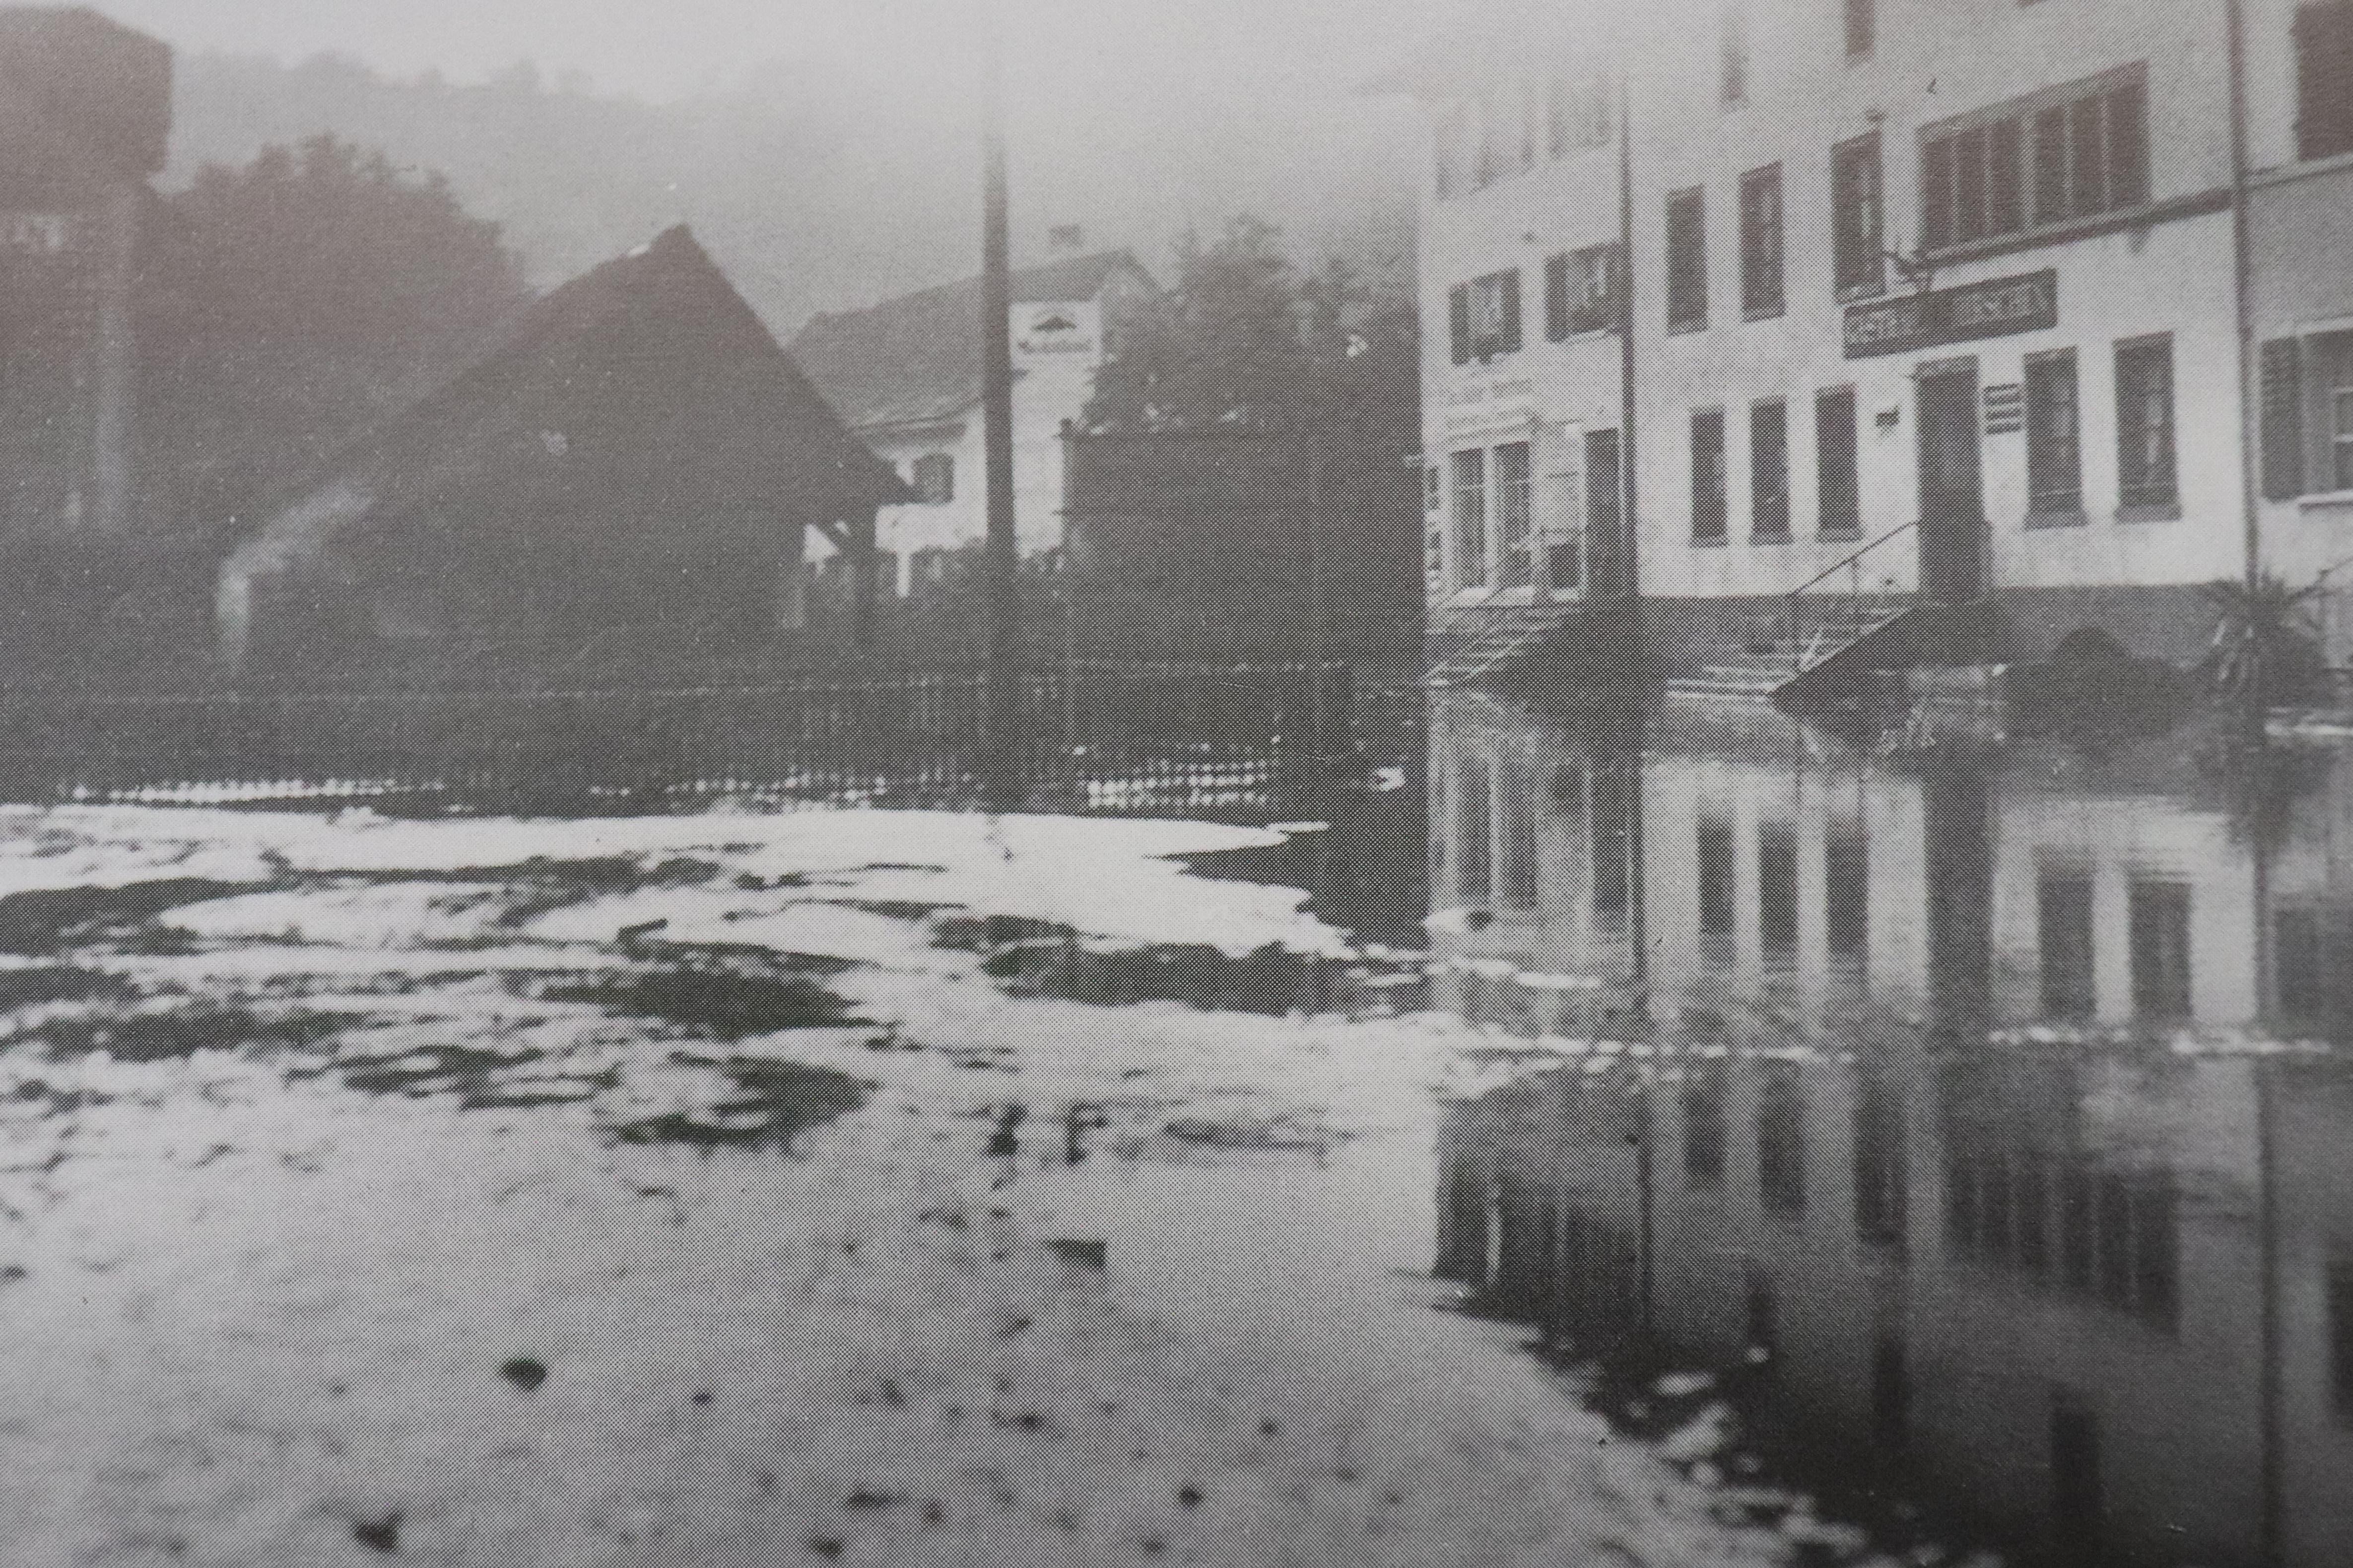 Vor 90 Jahren suchte ein heftiges Gewitter den Bezirk heim. Die Schäden waren verheerend.